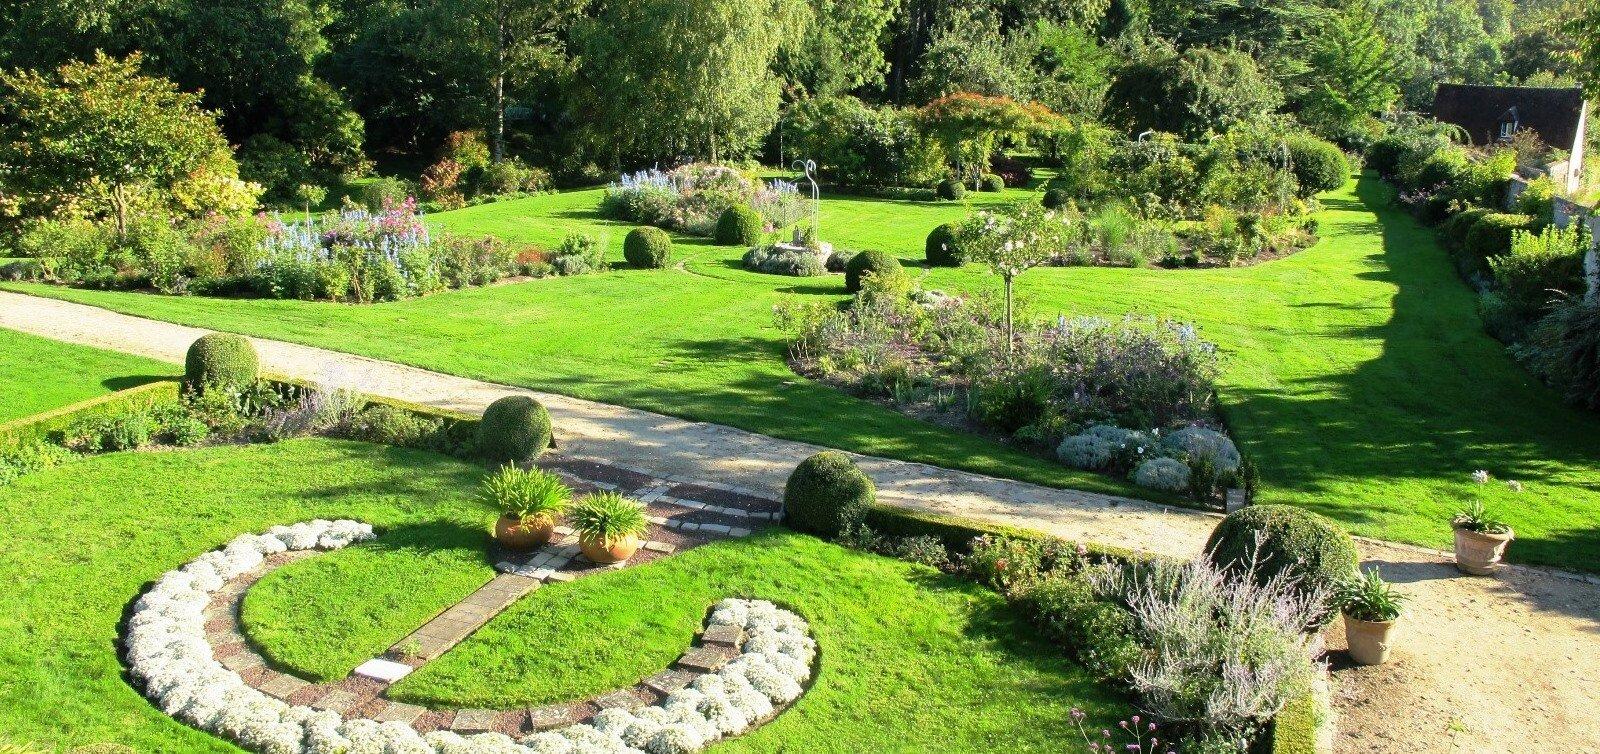 Jardins de VielsMaisons  Parc et jardins du Pays du Sud de lAisne en Picardie  Jardins de France